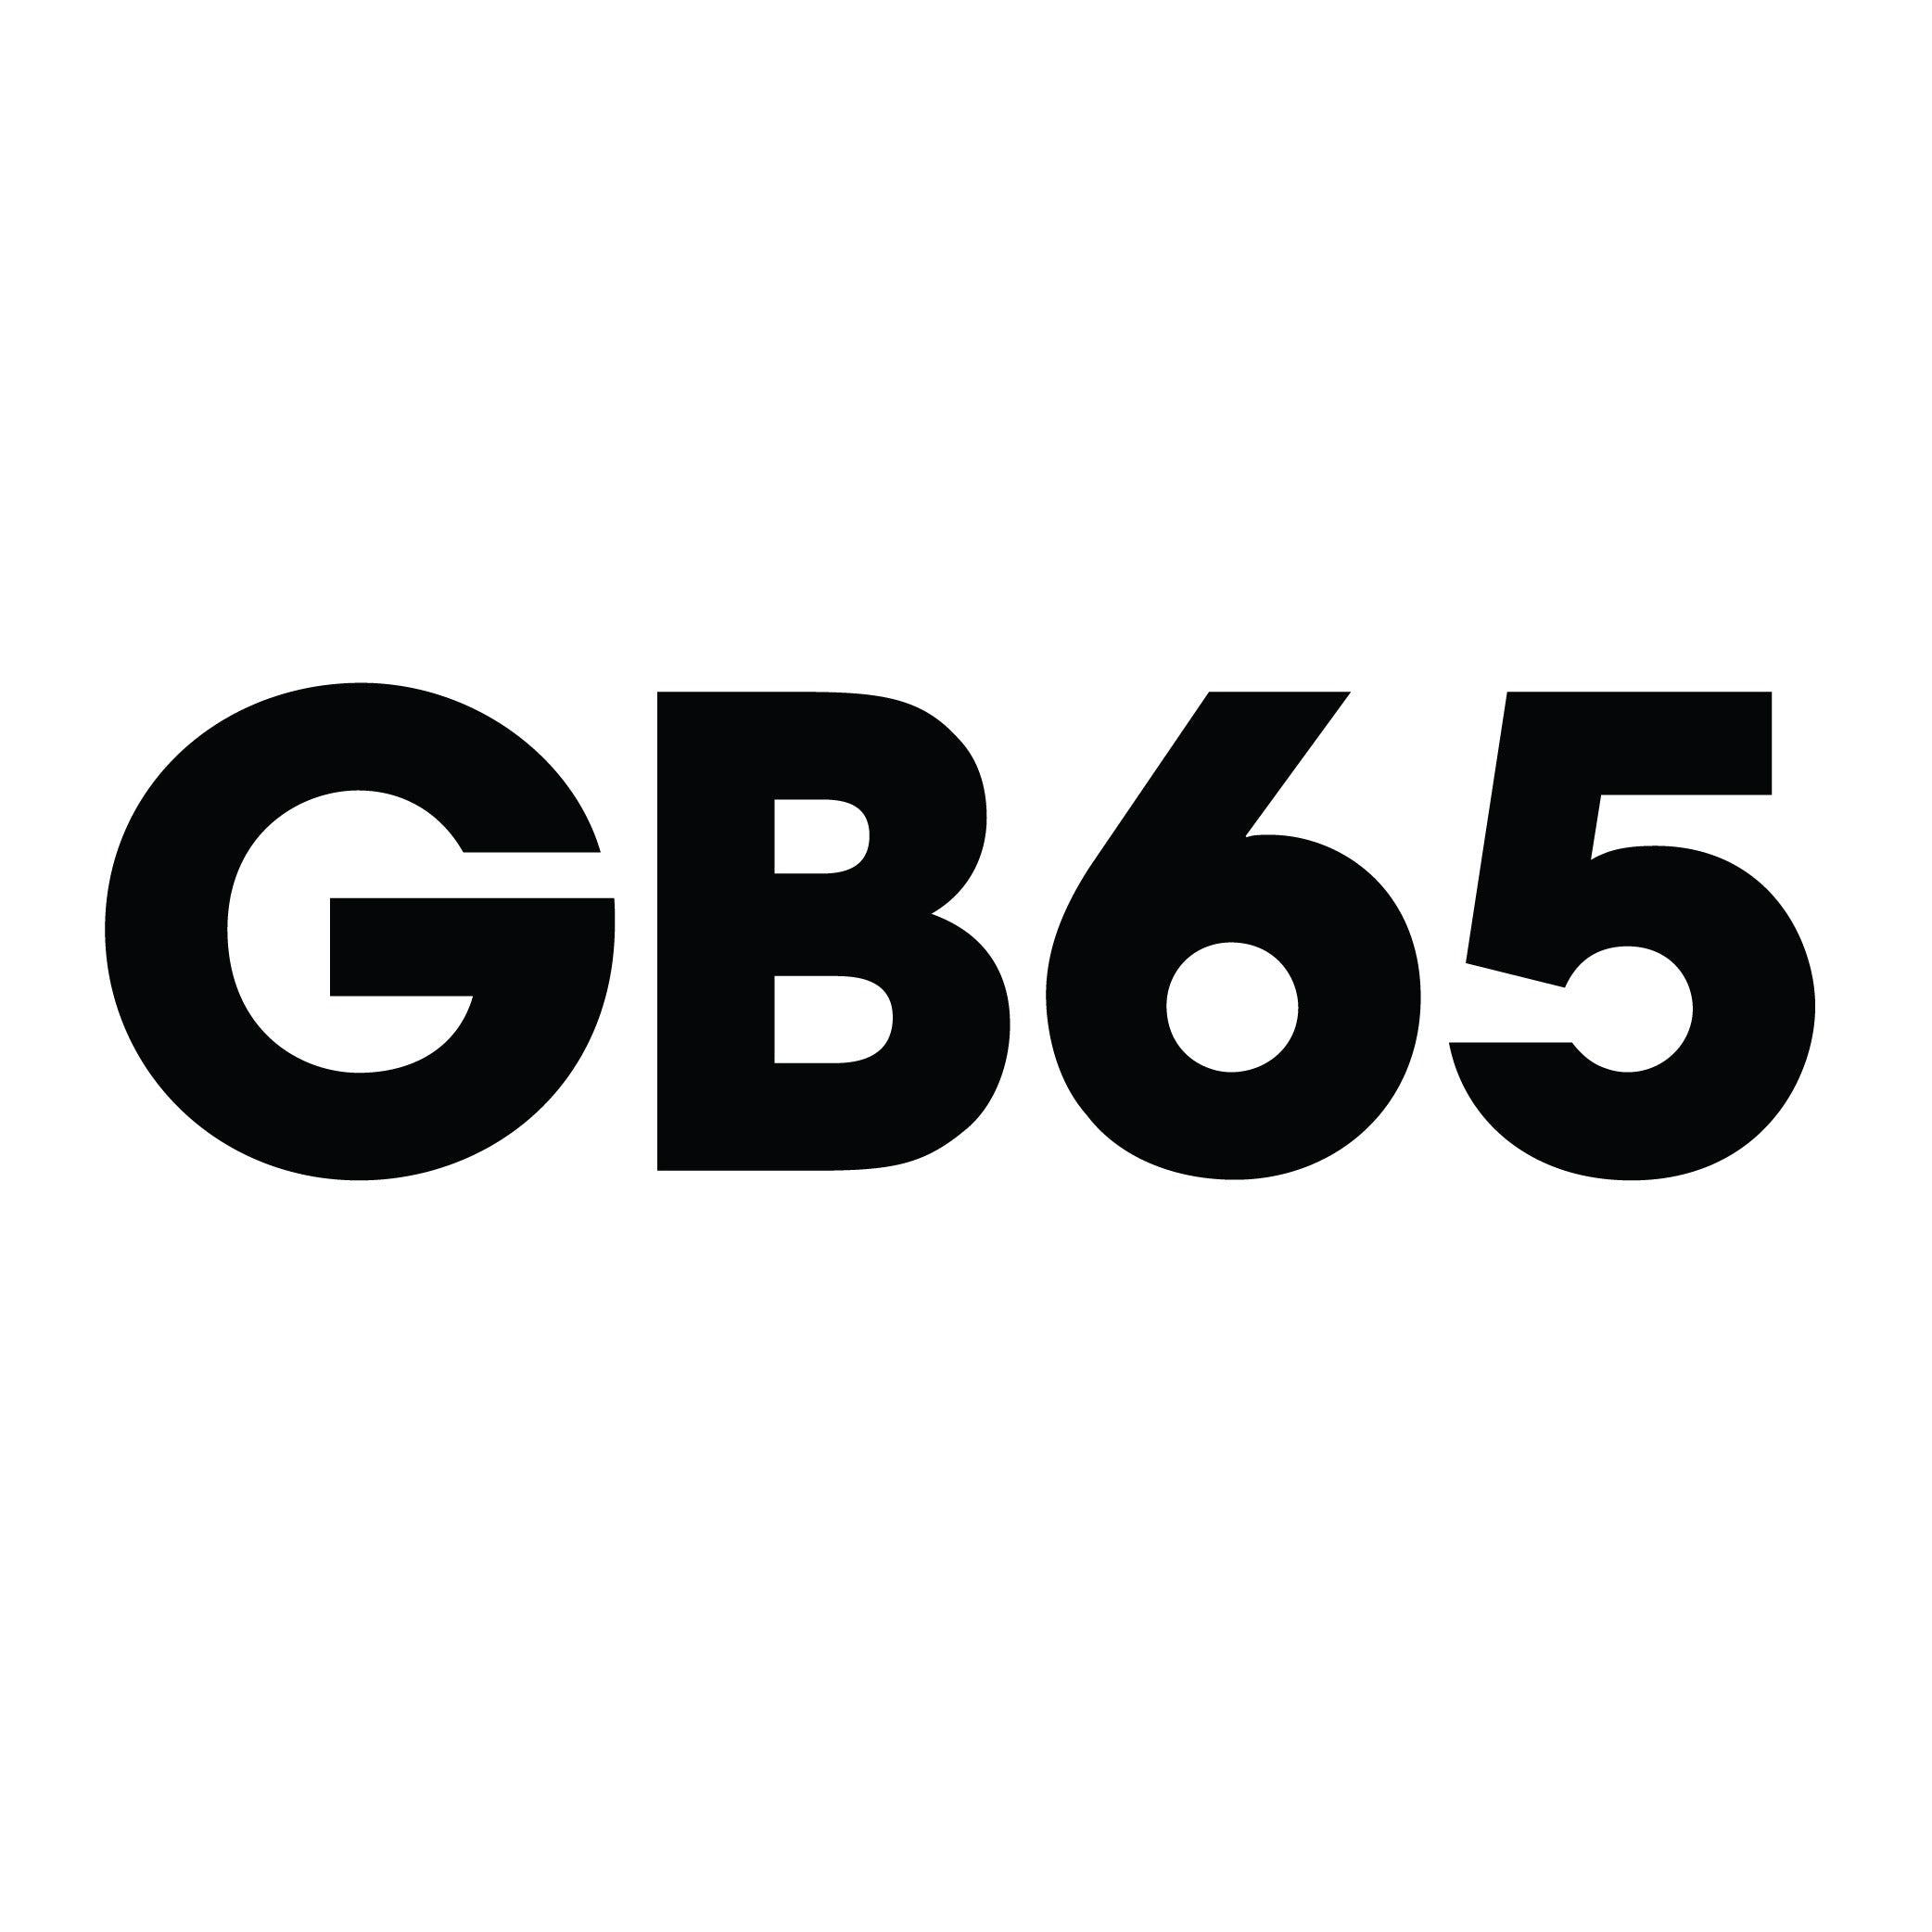 GB65 company logo